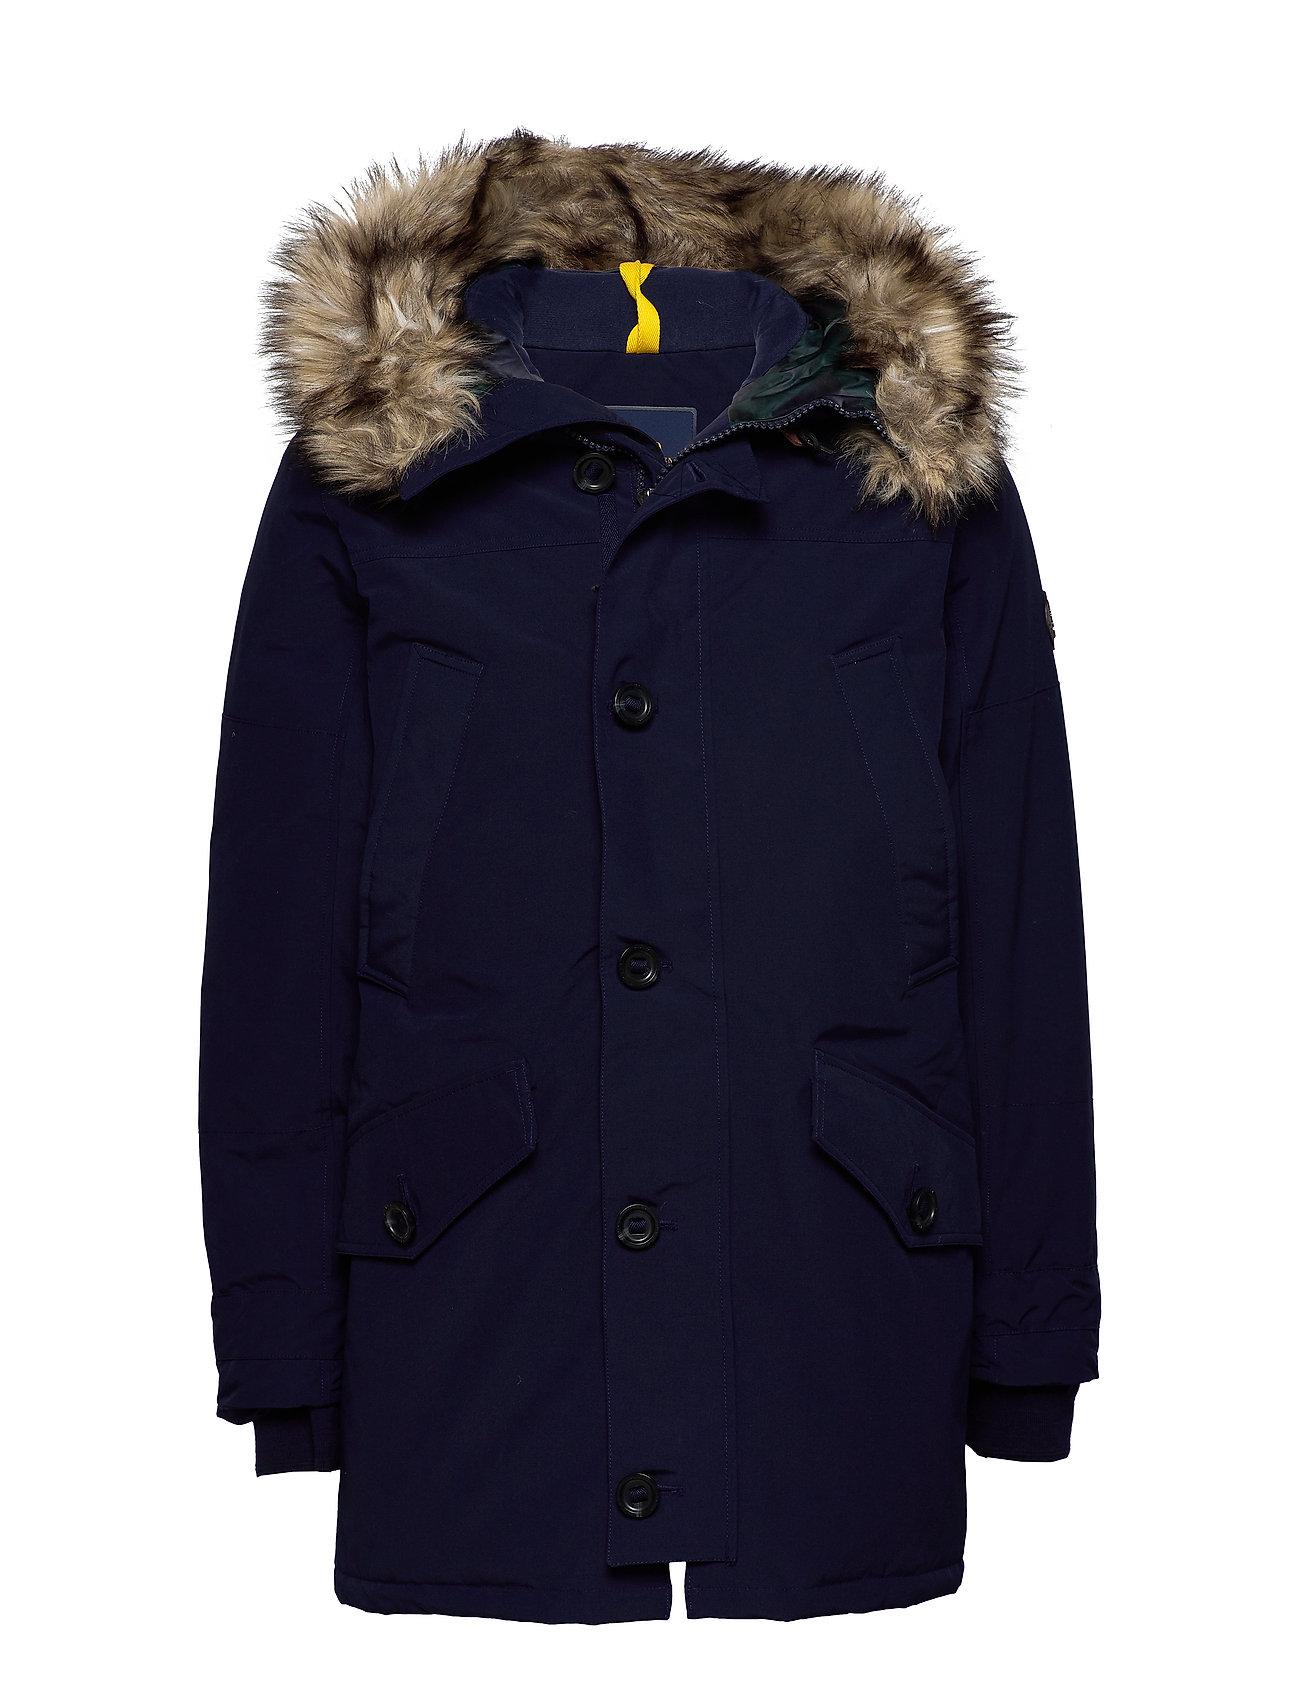 Polo Ralph Lauren ANNEX JKT-DOWN FILL-JACKET - CRUISE NAVY